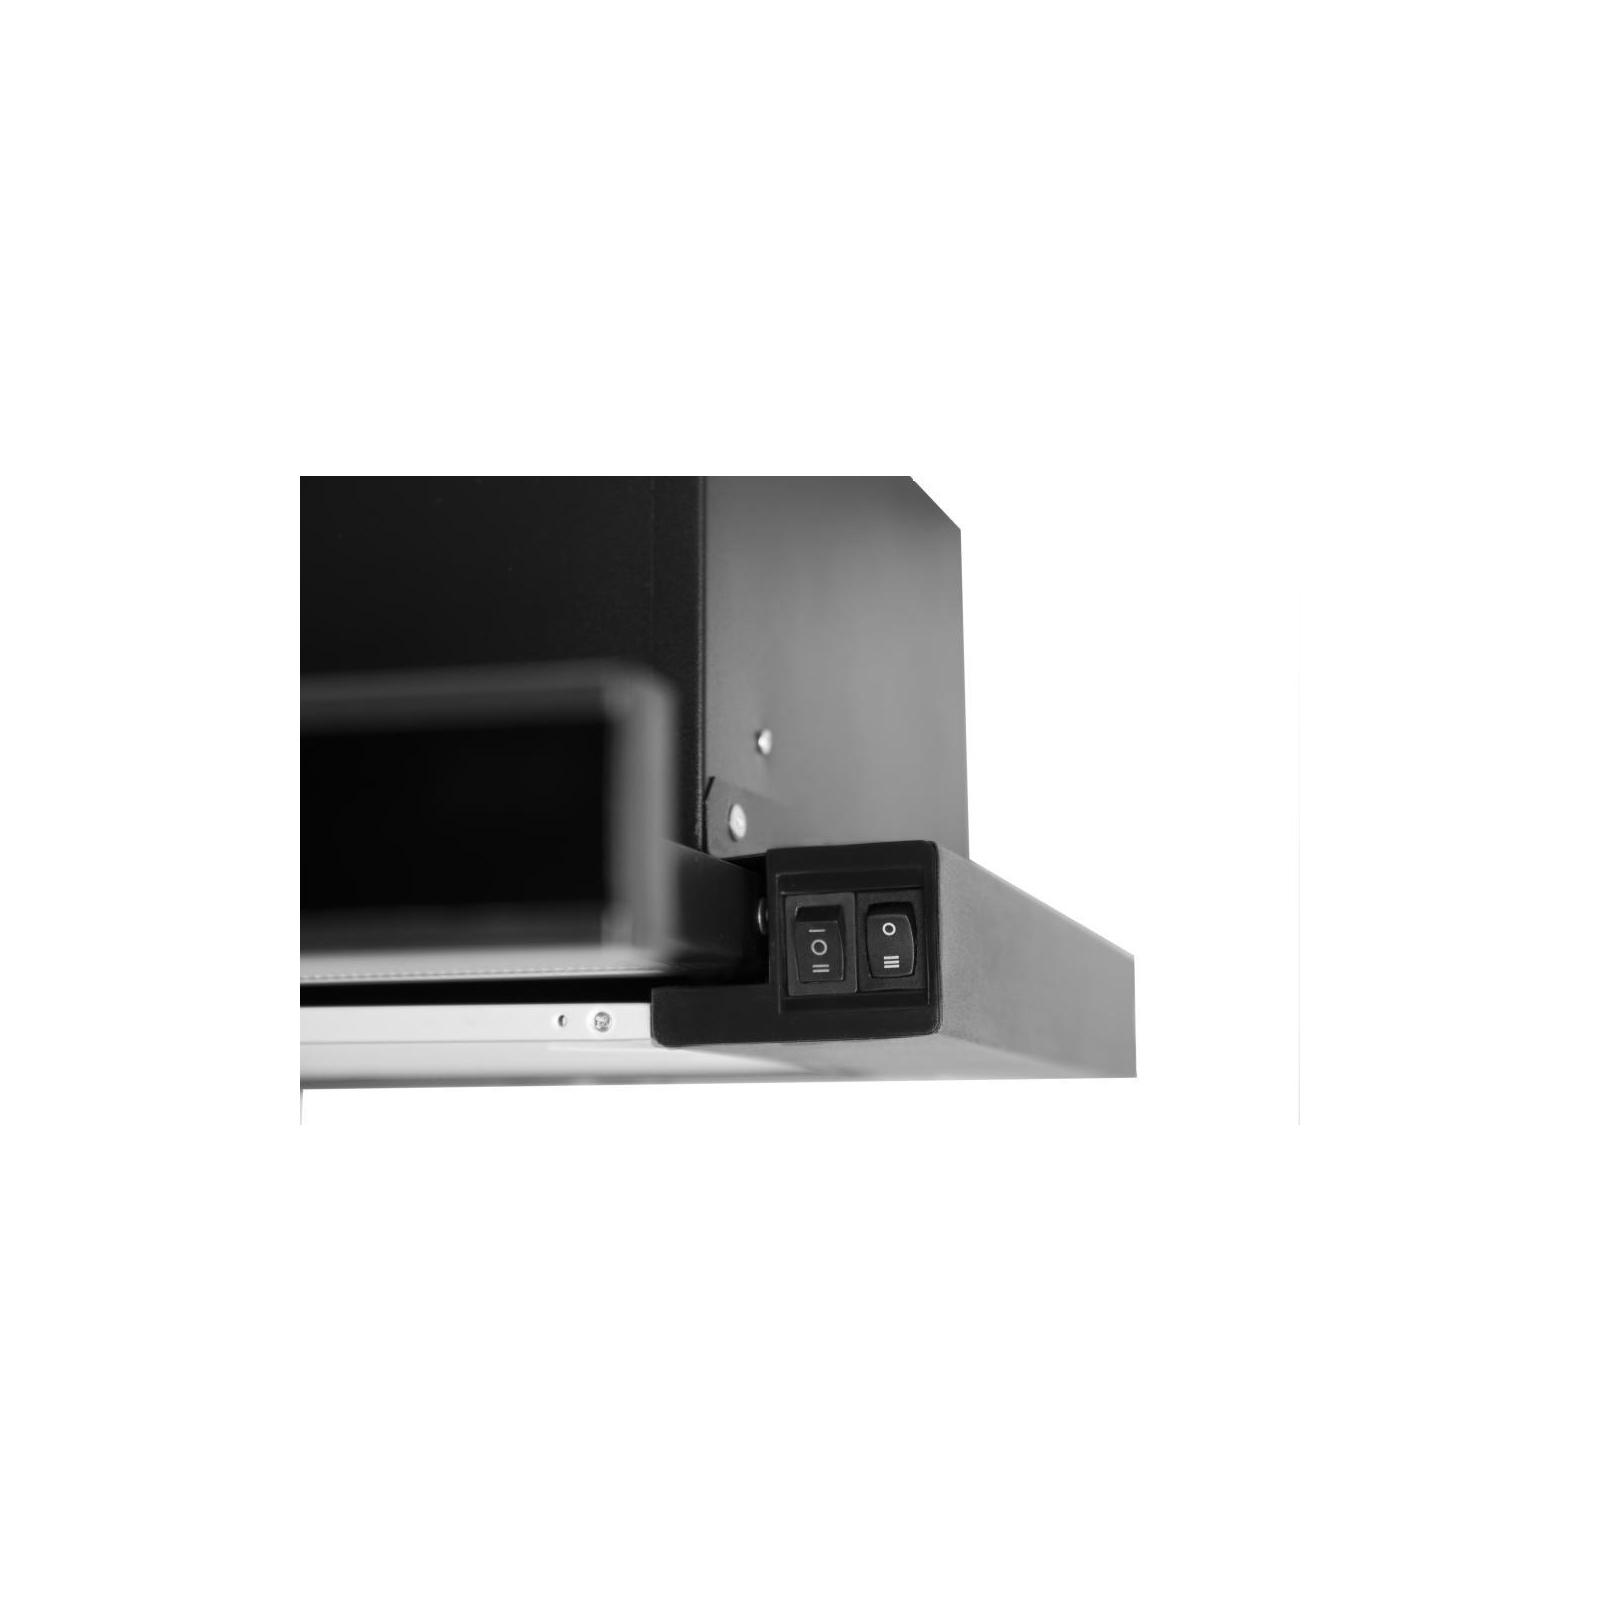 Вытяжка кухонная MINOLA HTL 6160 I/ BL GLASS 630 изображение 4